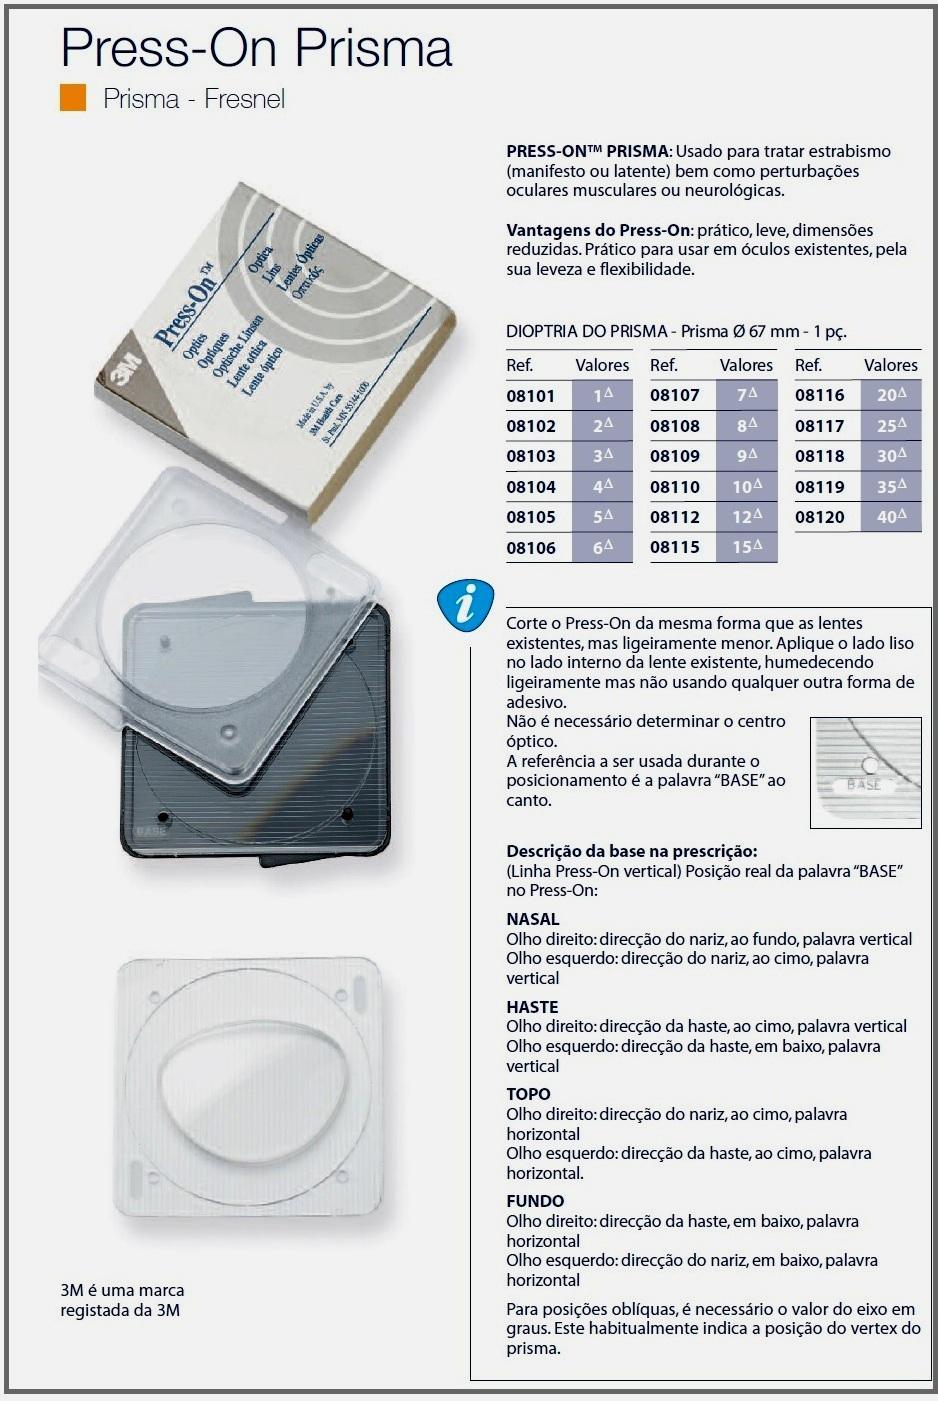 0208107 - CorreçãoVisual 02 Press-On Prisma 7 Mod 8107 FLAG O FLAG E  -Contém 1 Peça